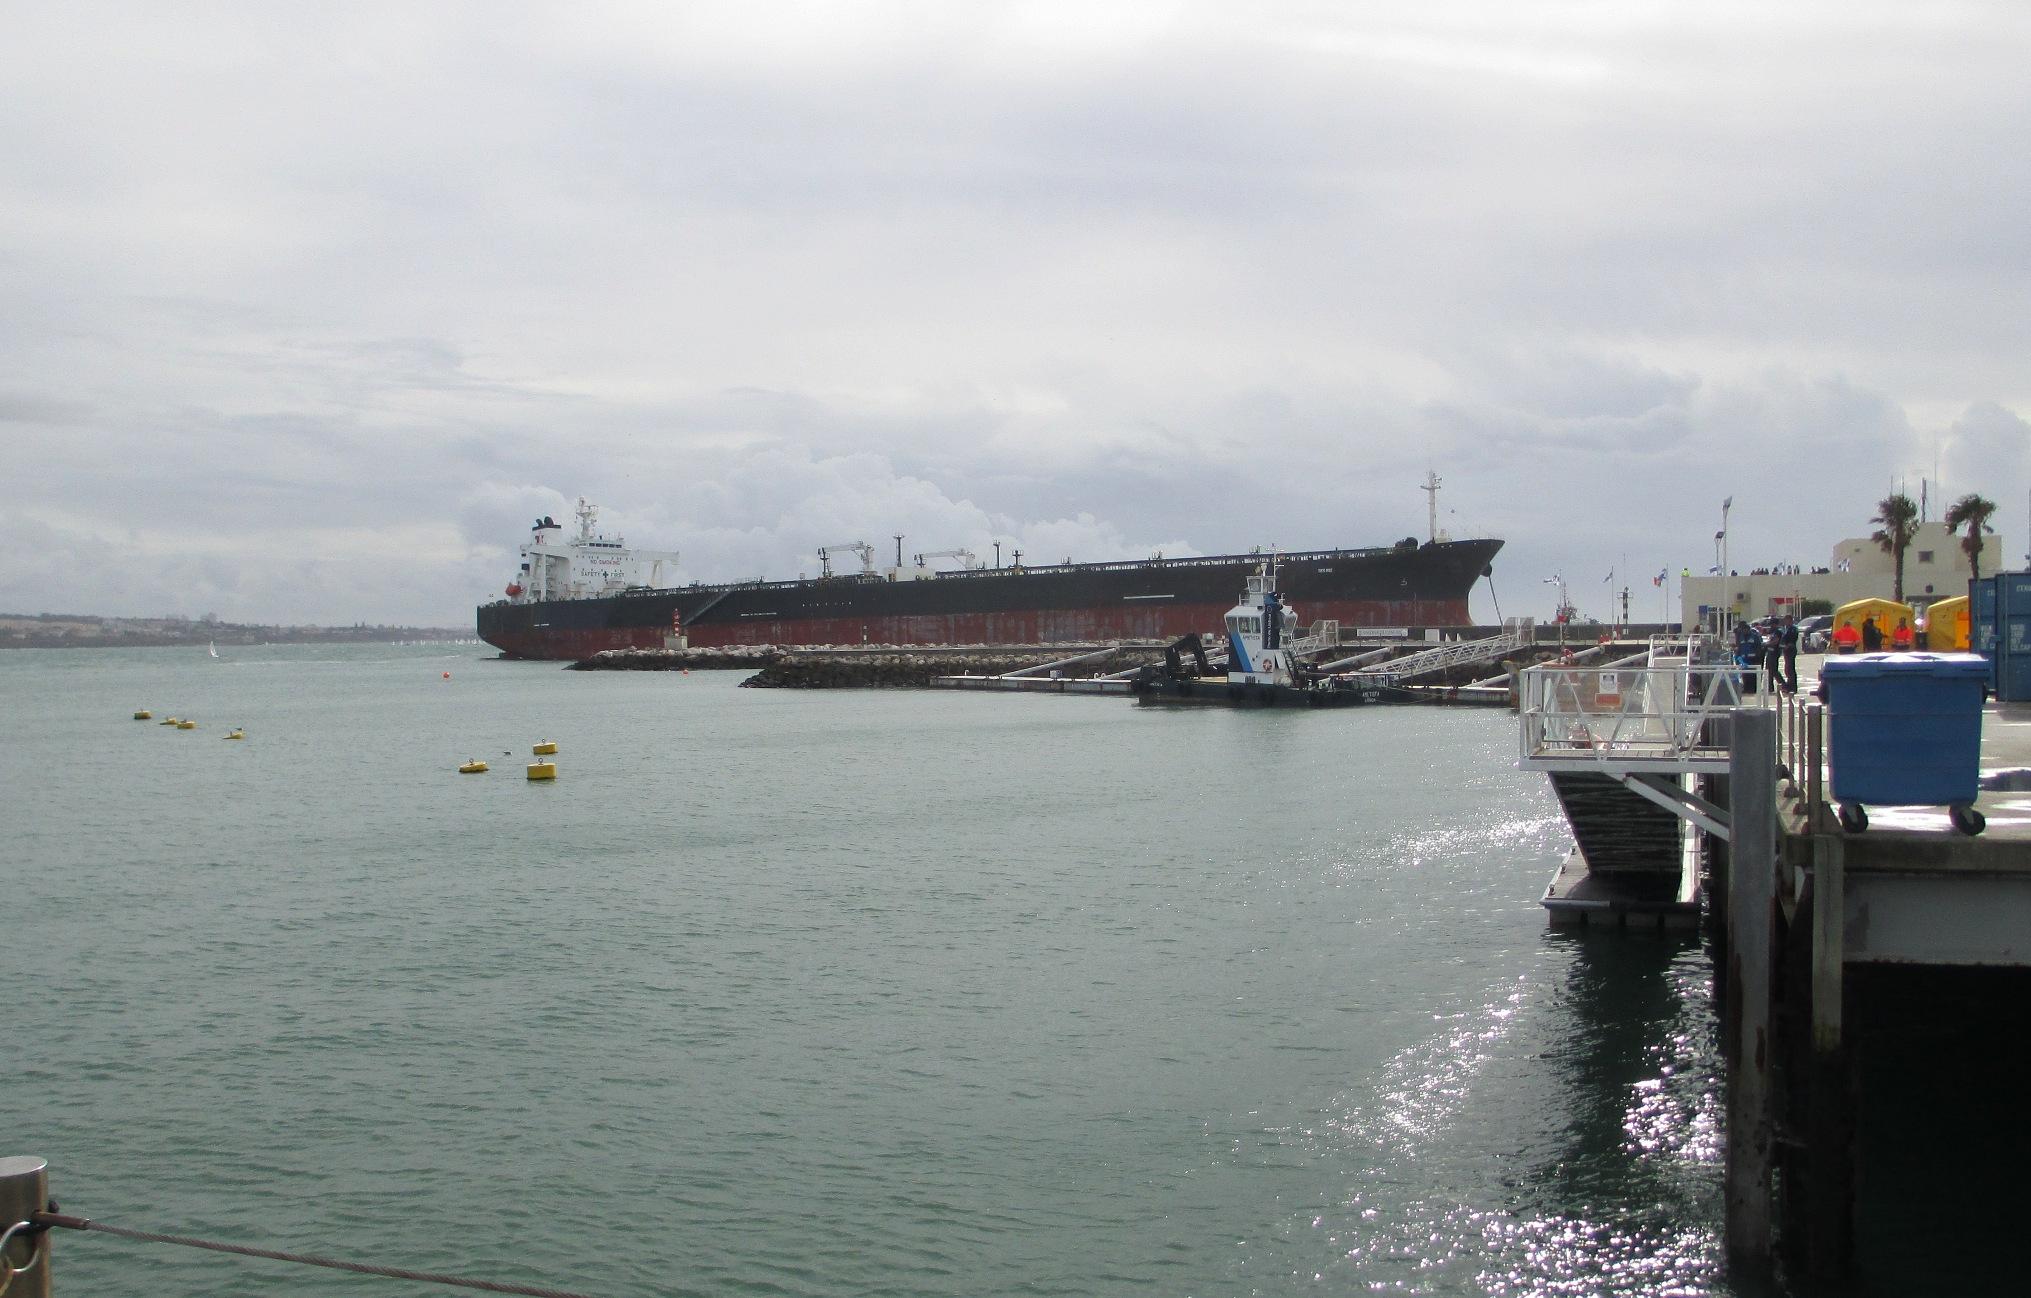 petroleiro encalhado em Cascais_f01_18Out15.jpg